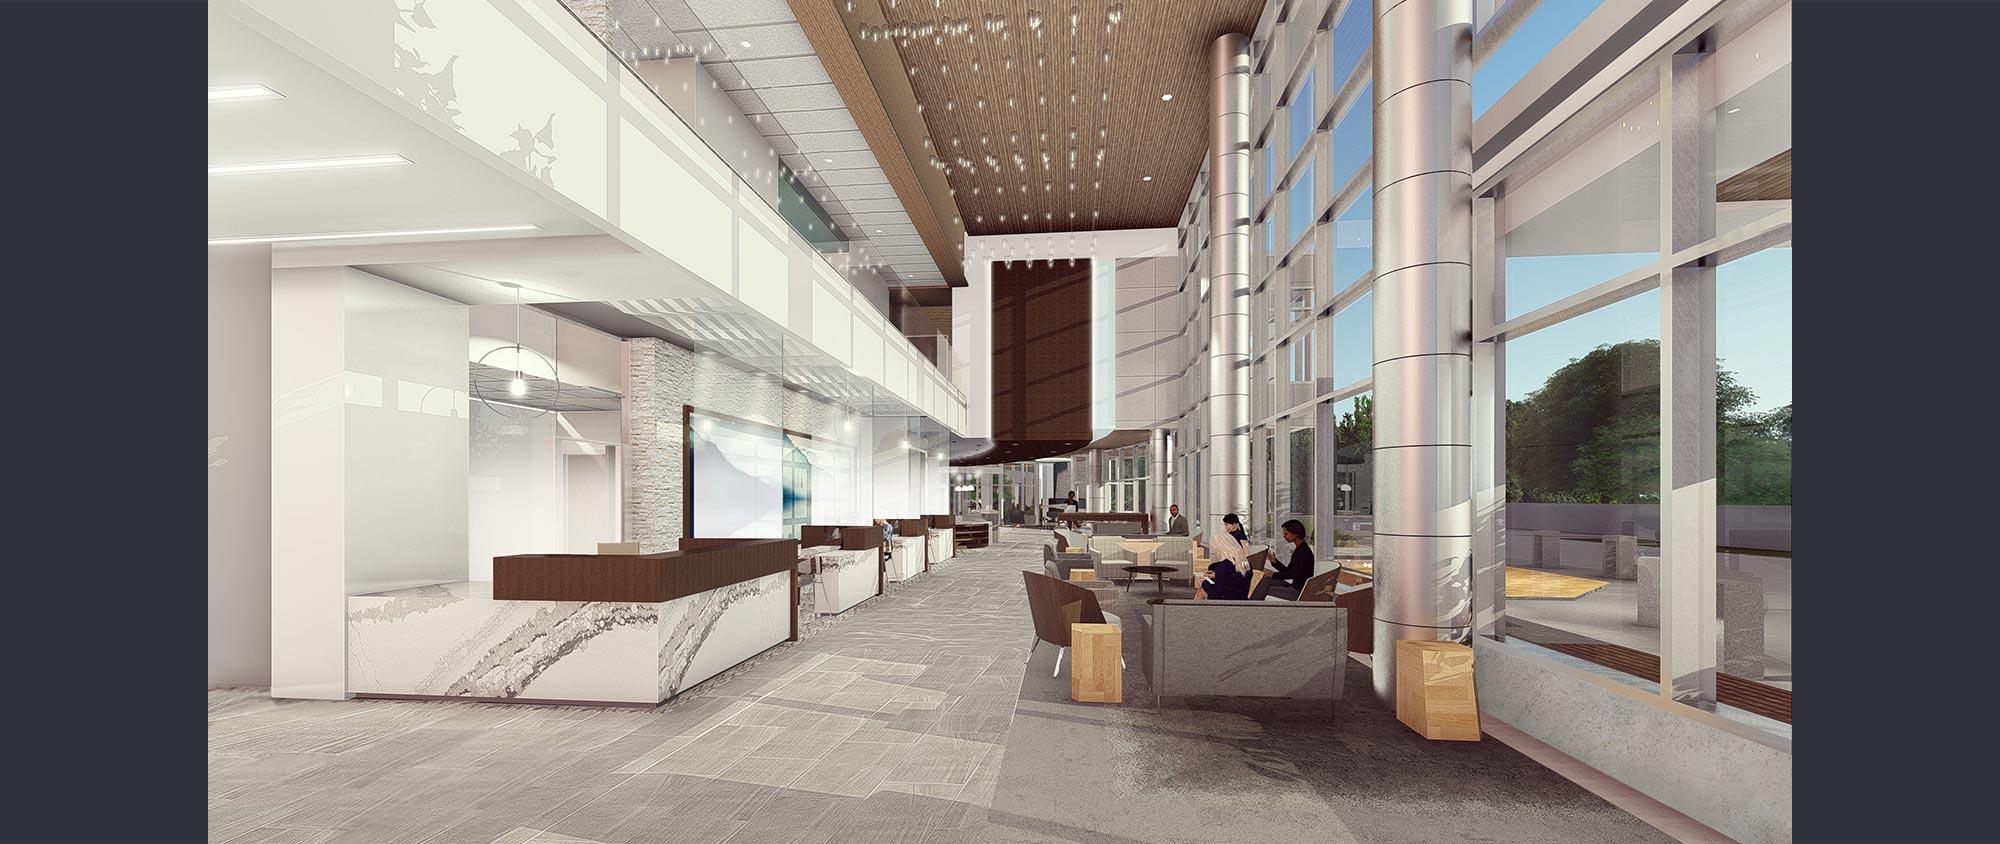 Peeples Cancer Institute At Hamilton Medical Center Esa